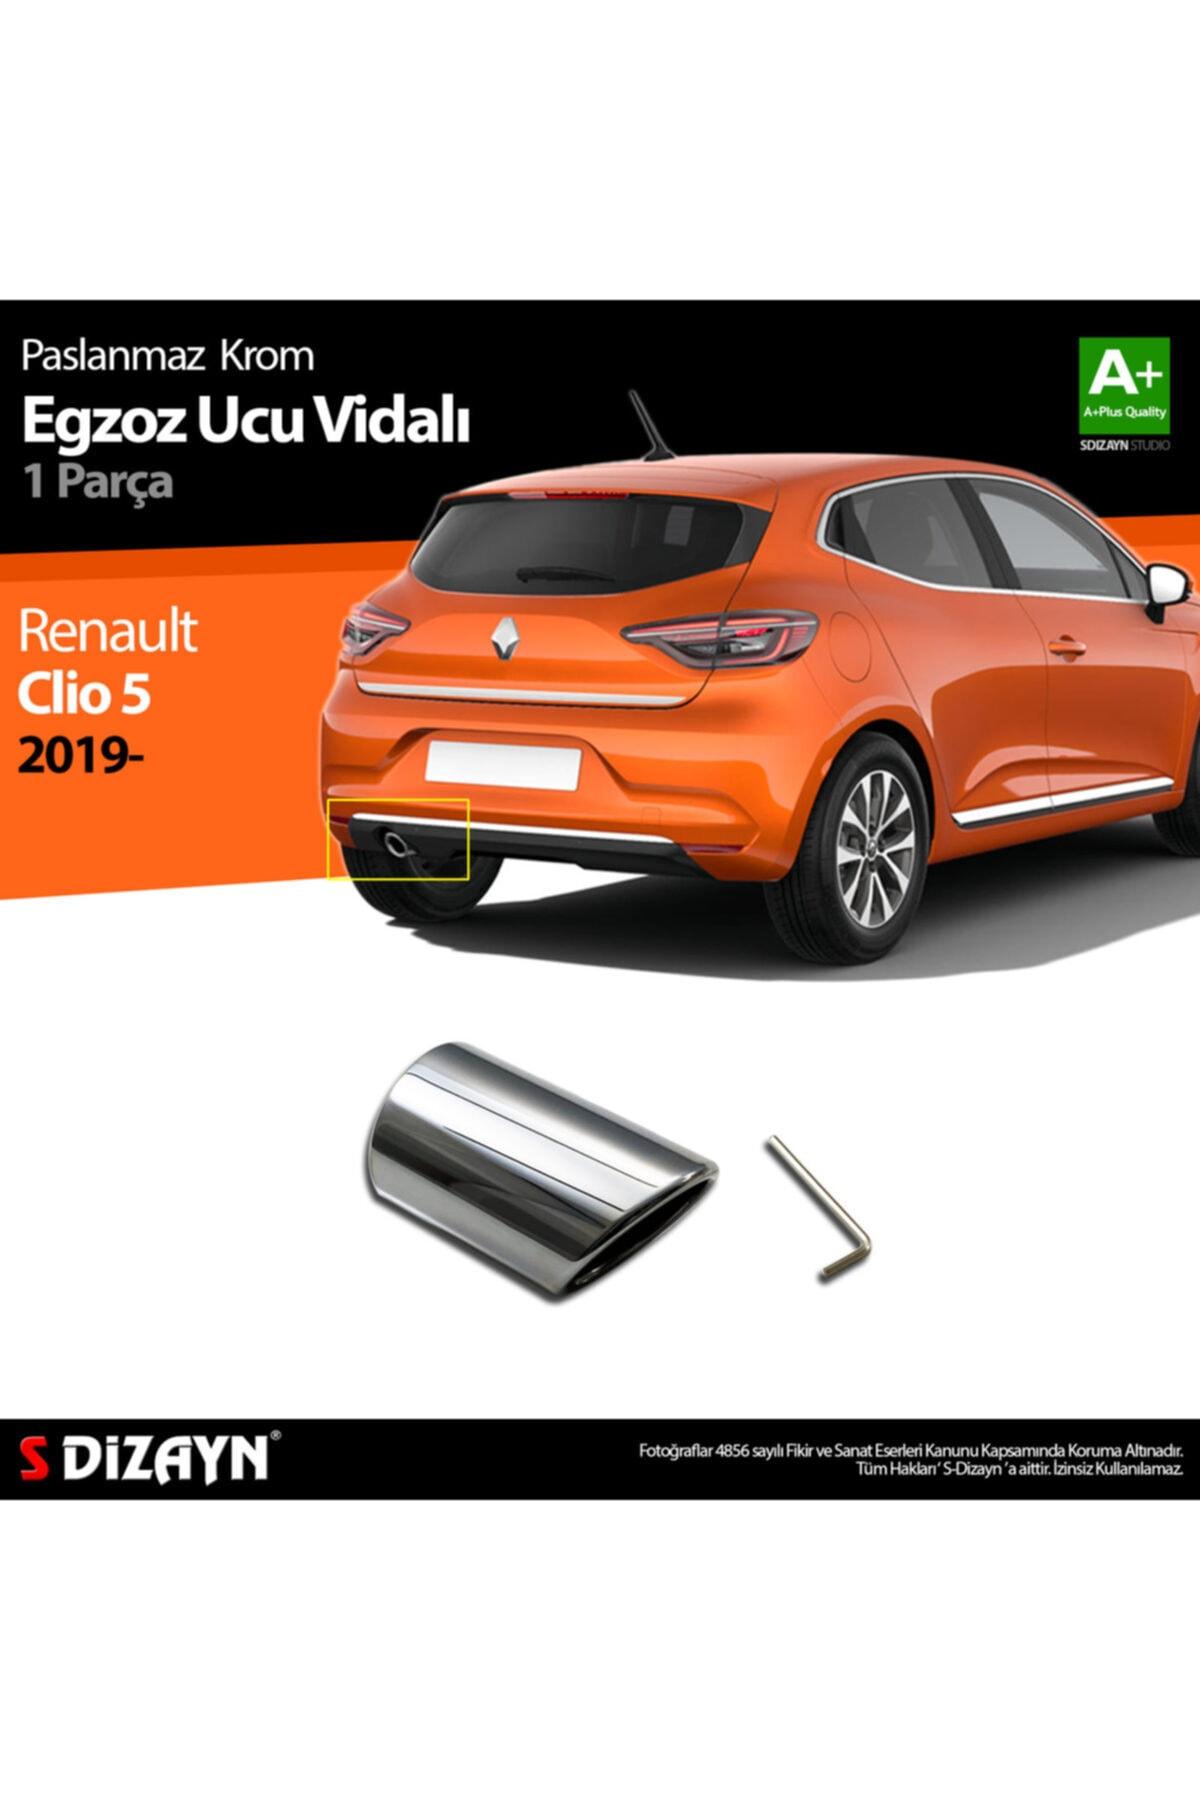 S Dizayn S-dizayn Renault Clio 5 Krom Egzoz Ucu Vidalı 2019 Ve Üzeri 1